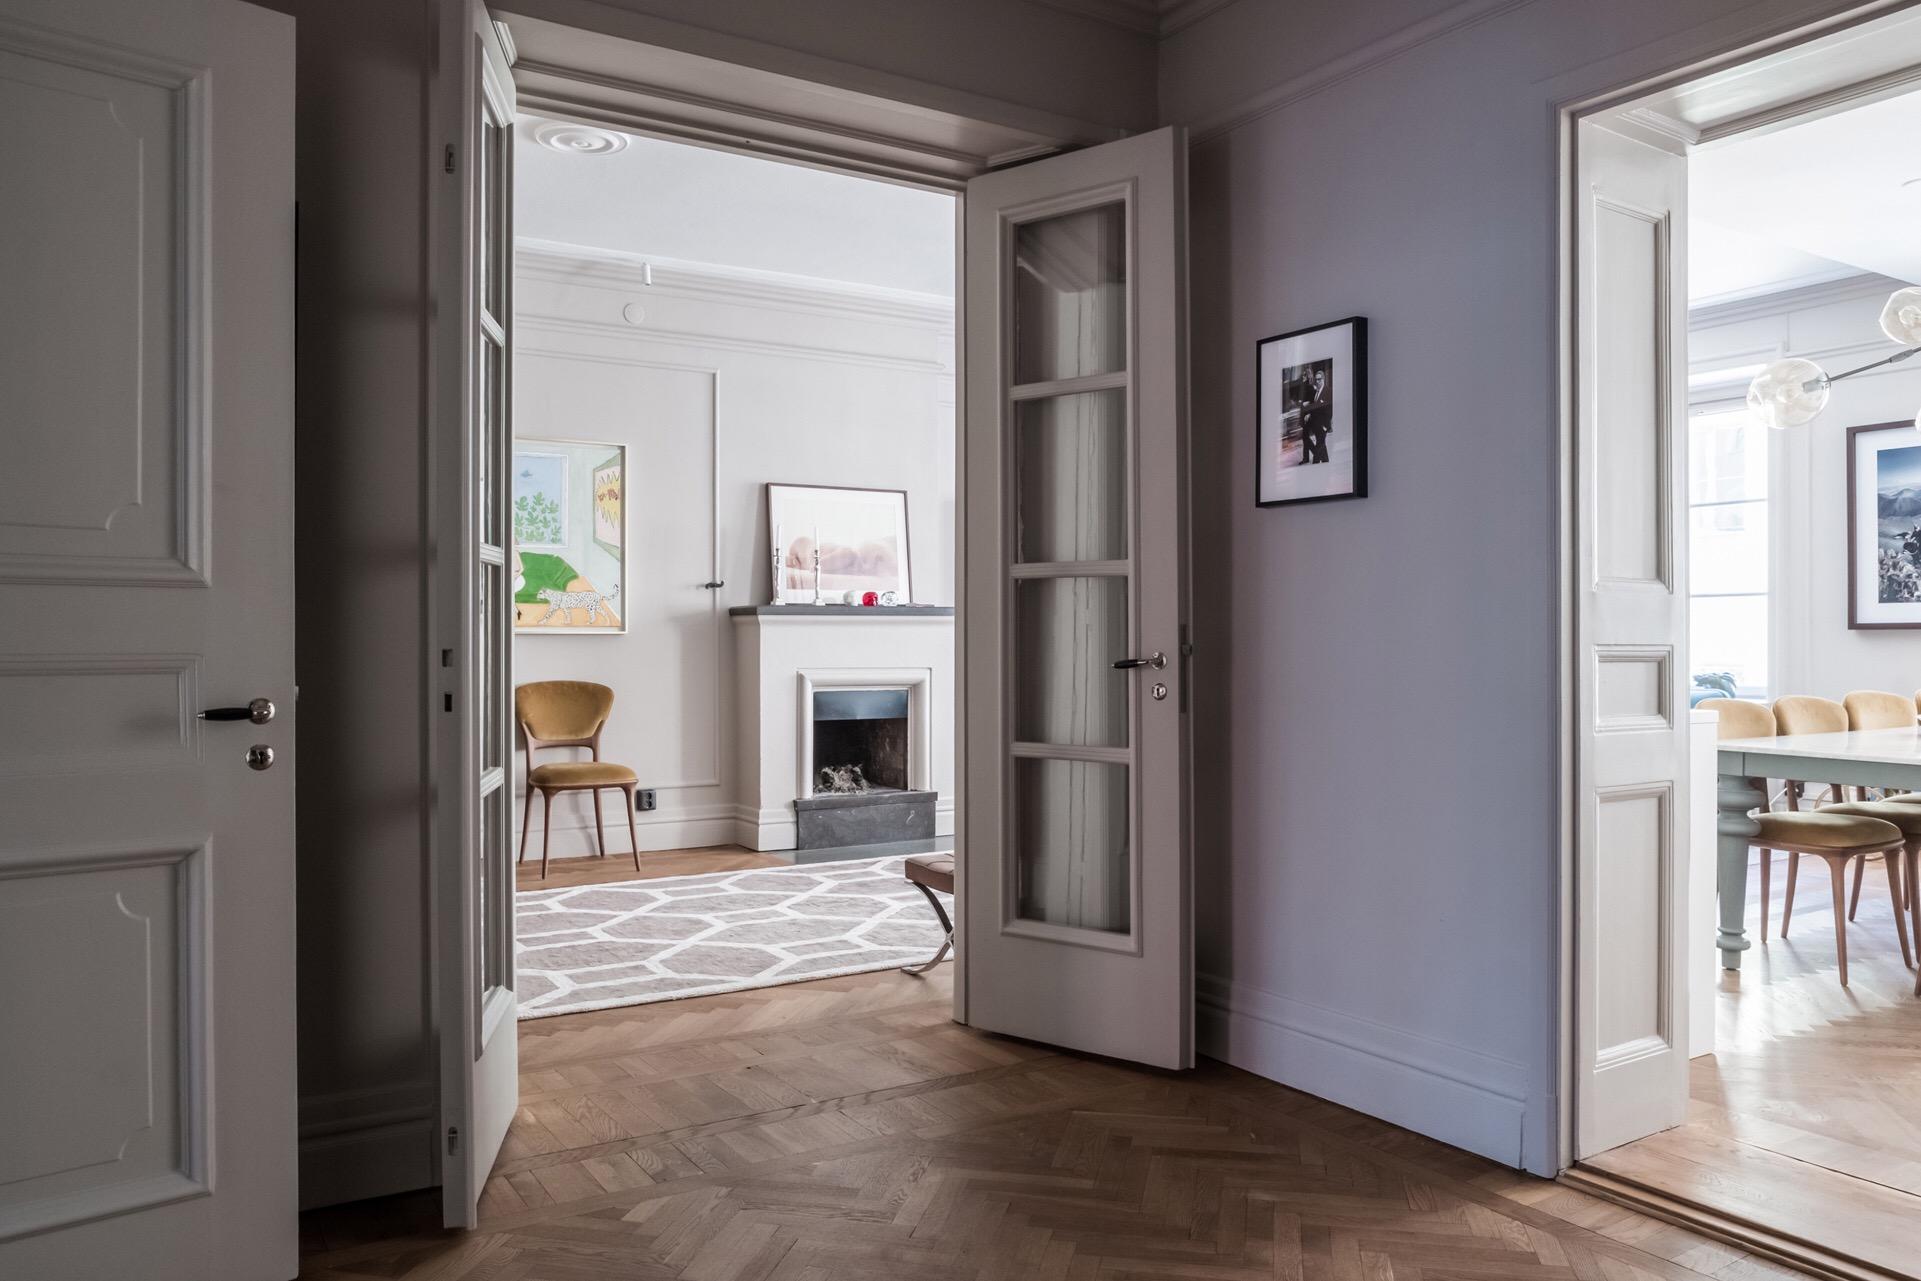 коридор стеклянные распашные двери паркет елочка